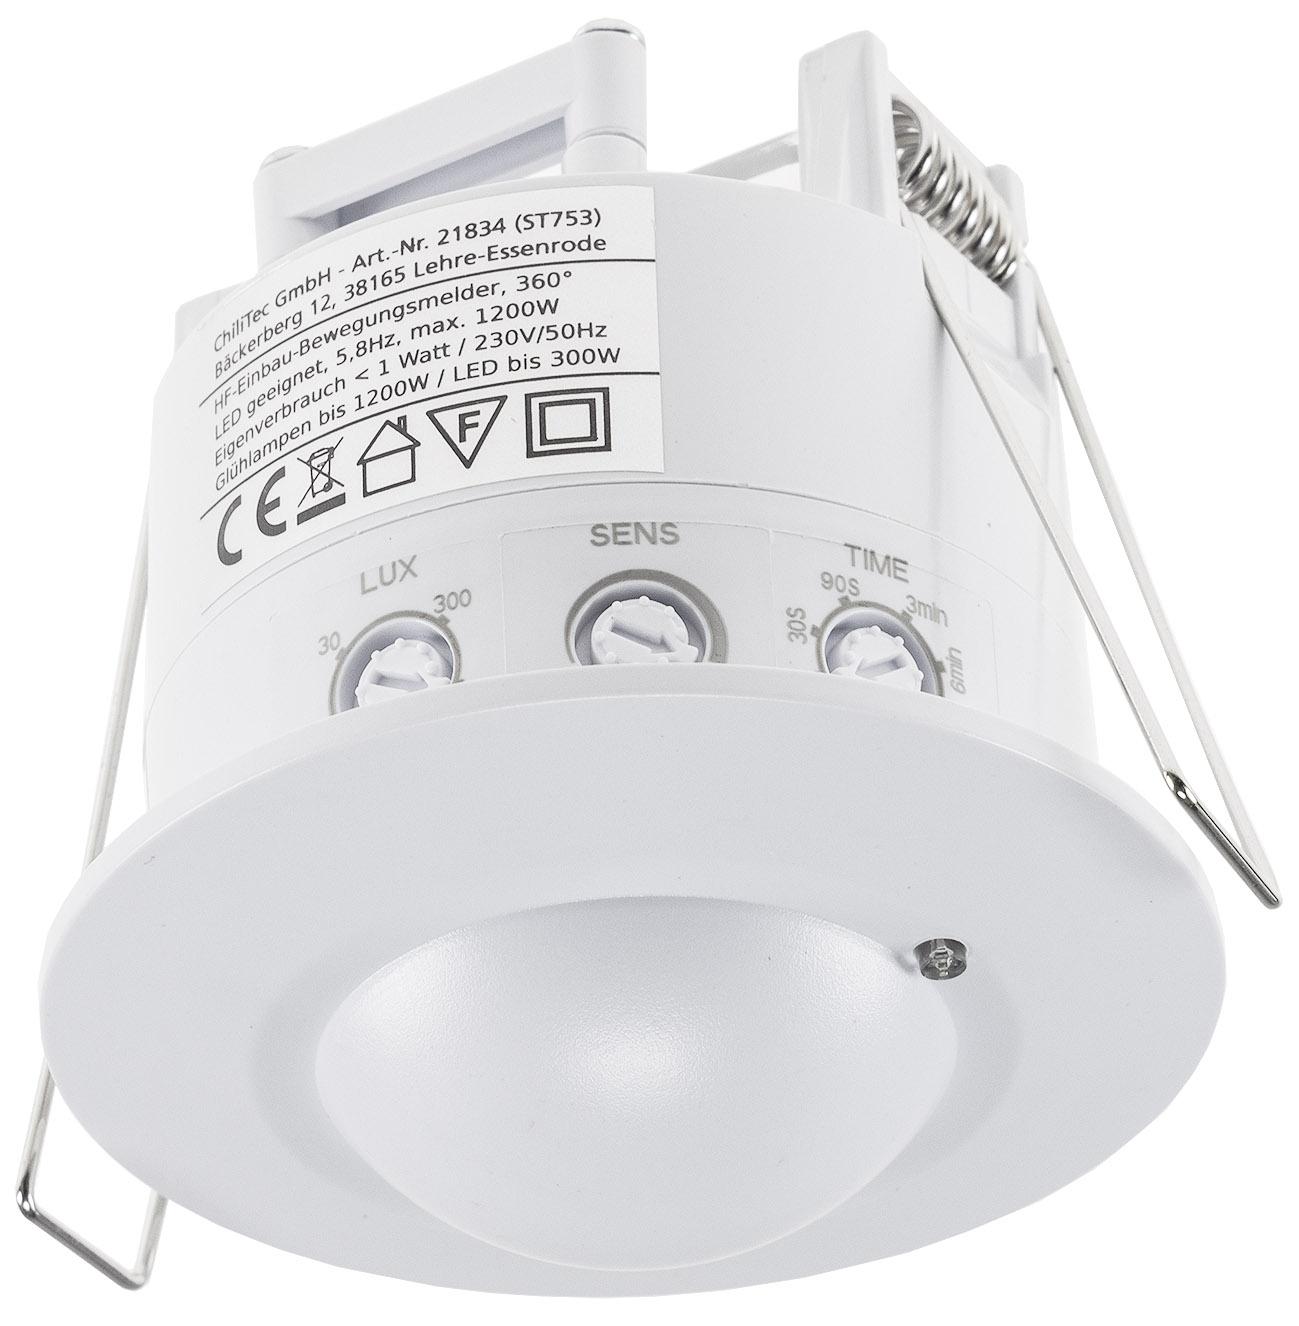 Decken Einbau Bewegungsmelder 360° 230V 10-1200W weiss Deckenbewegungsmelder